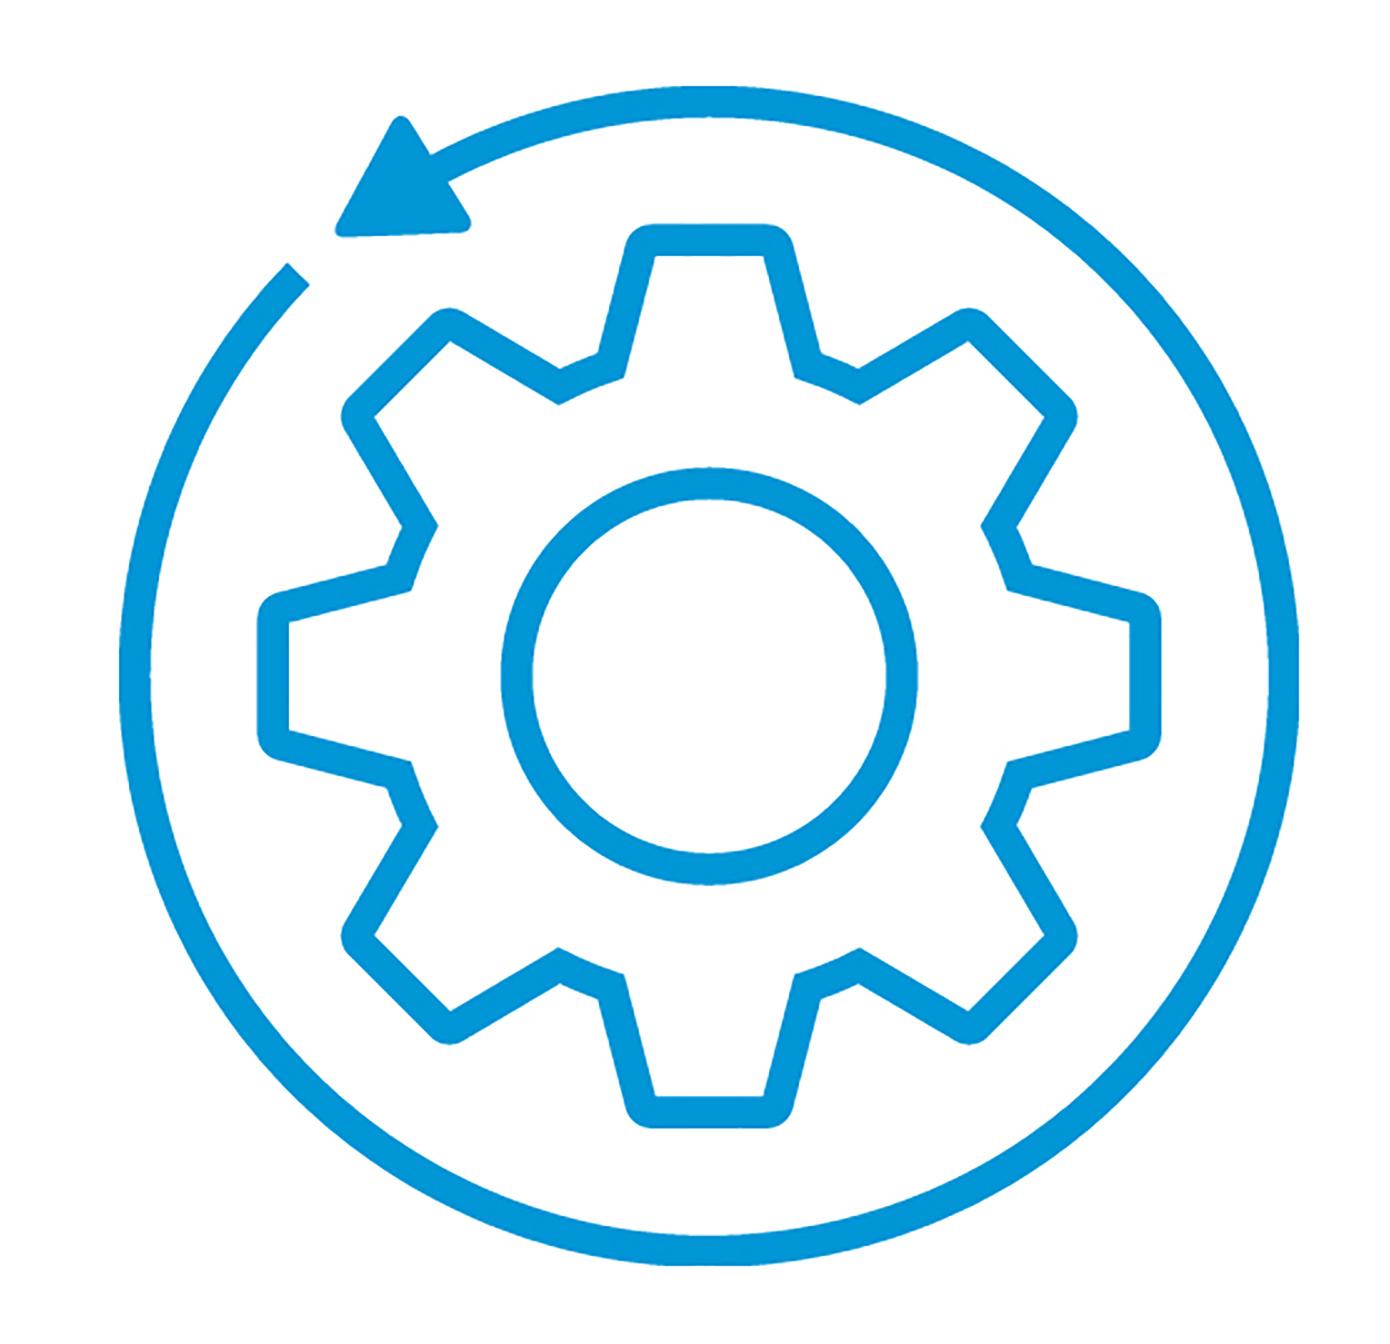 HP Servicio mejorado de 3 años de gestión proactiva DaaS al siguiente día laborable in situ y retención de soportes defectuosos para RPOS